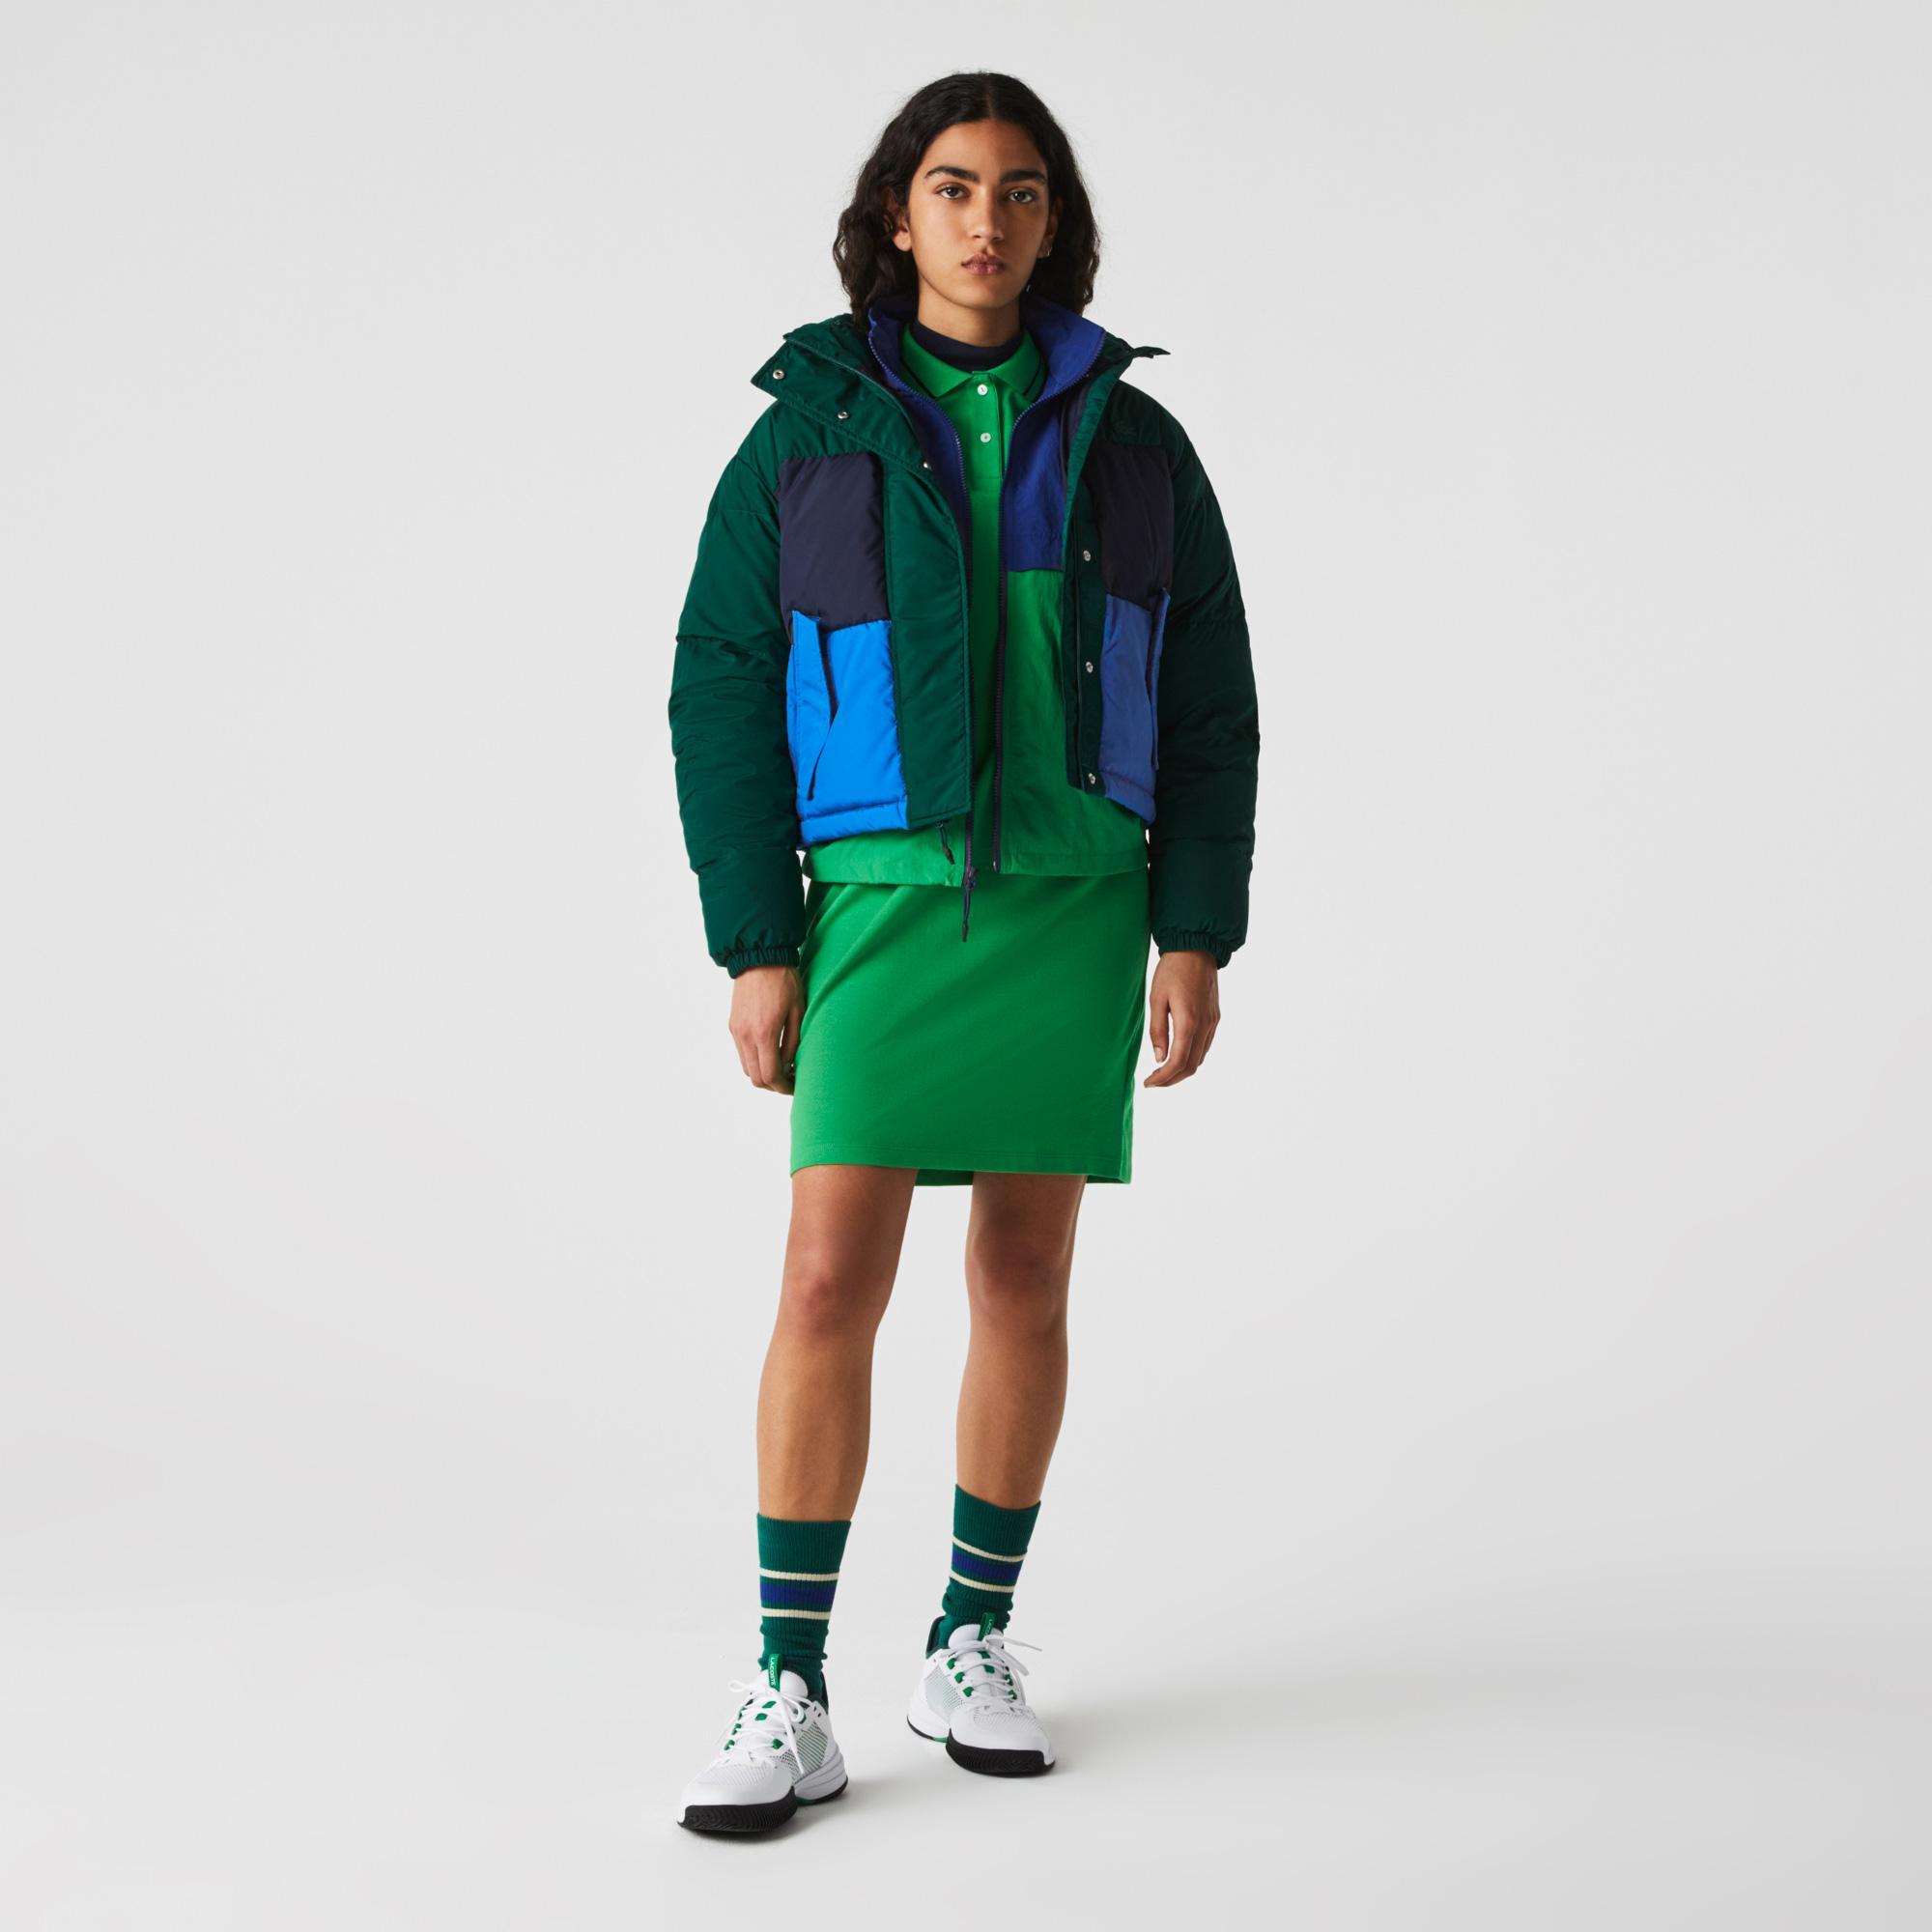 Lacoste Kurtka damska z chowanym kapturem, krótka, pikowana, w bloki kolorystyczne